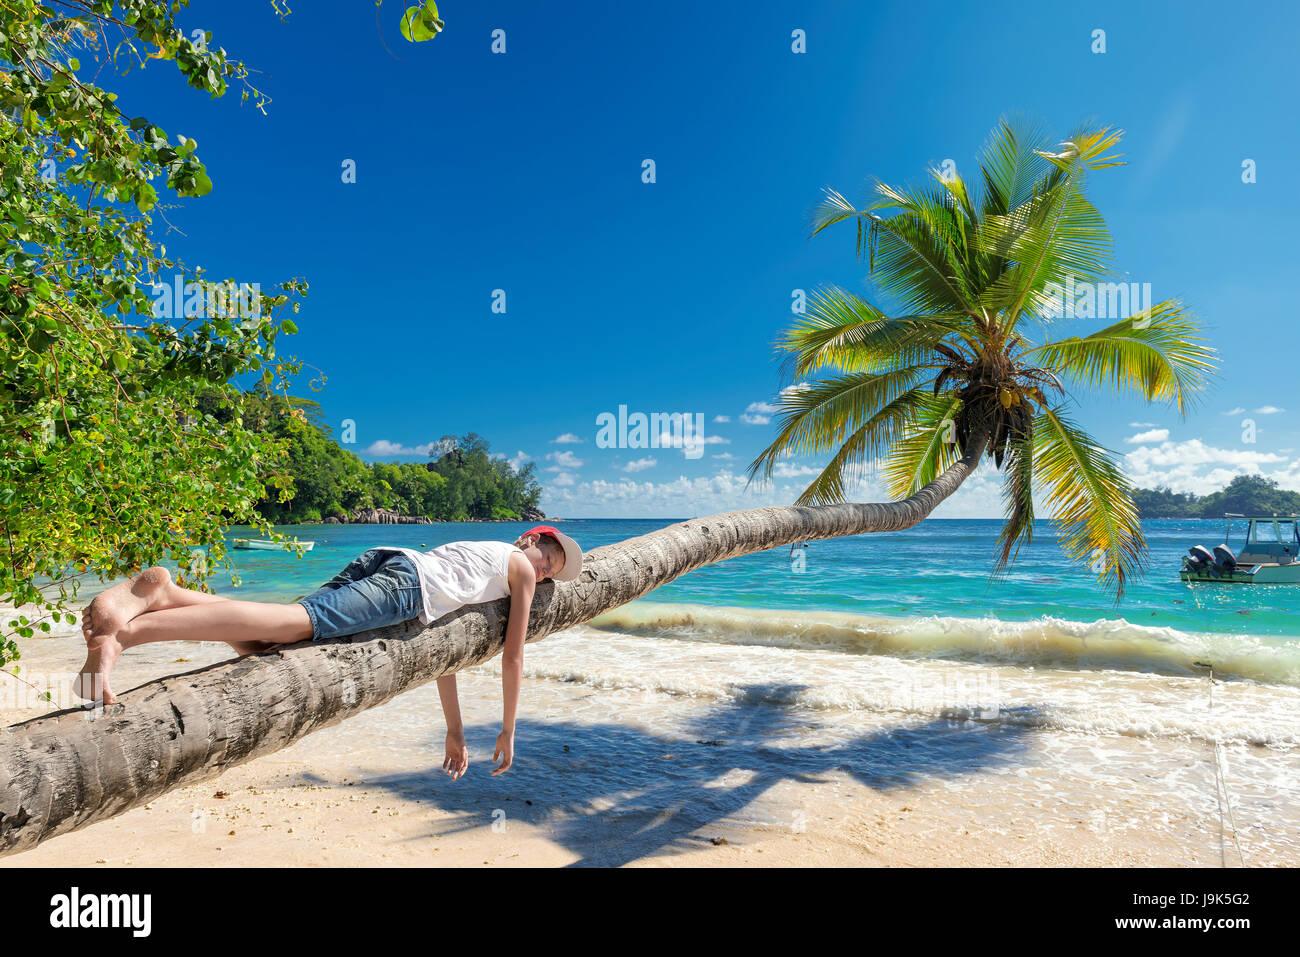 Cute boy resting allongé sur un palmier tropical island le vacationю Photo Stock